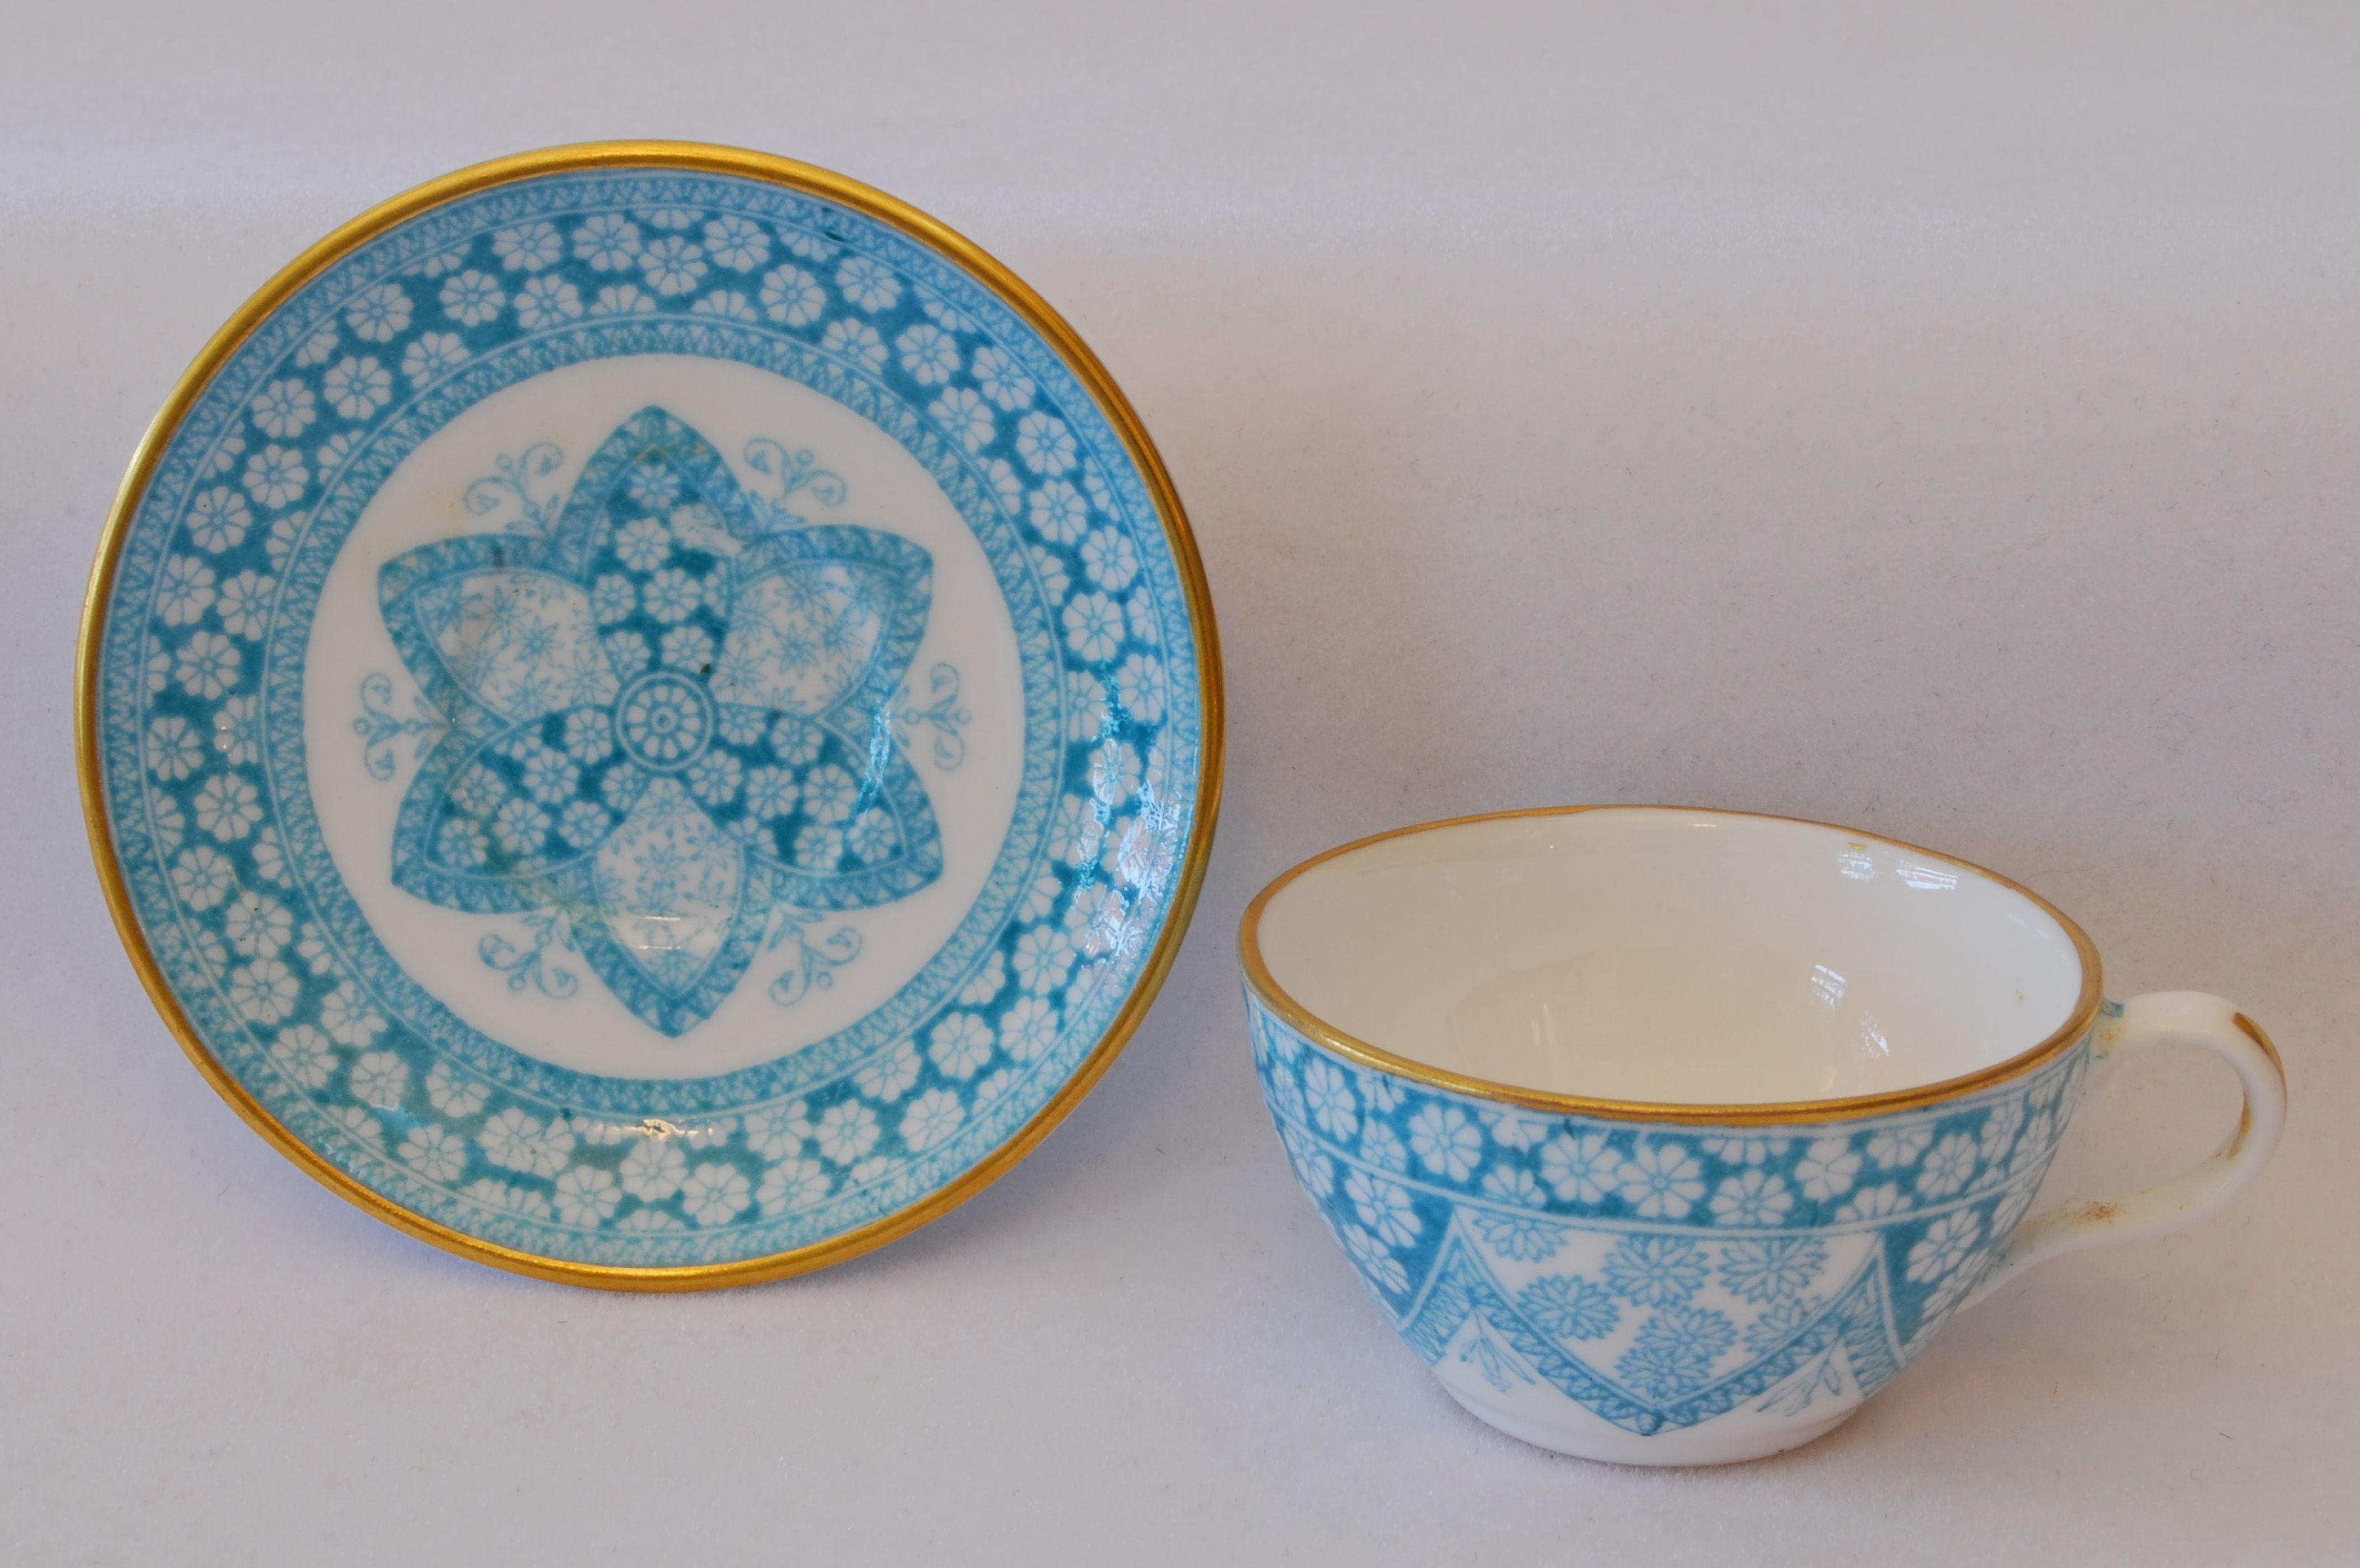 1960 badezimmer dekor miniature spode cup and saucer   xicaras brancasazuis  pinterest